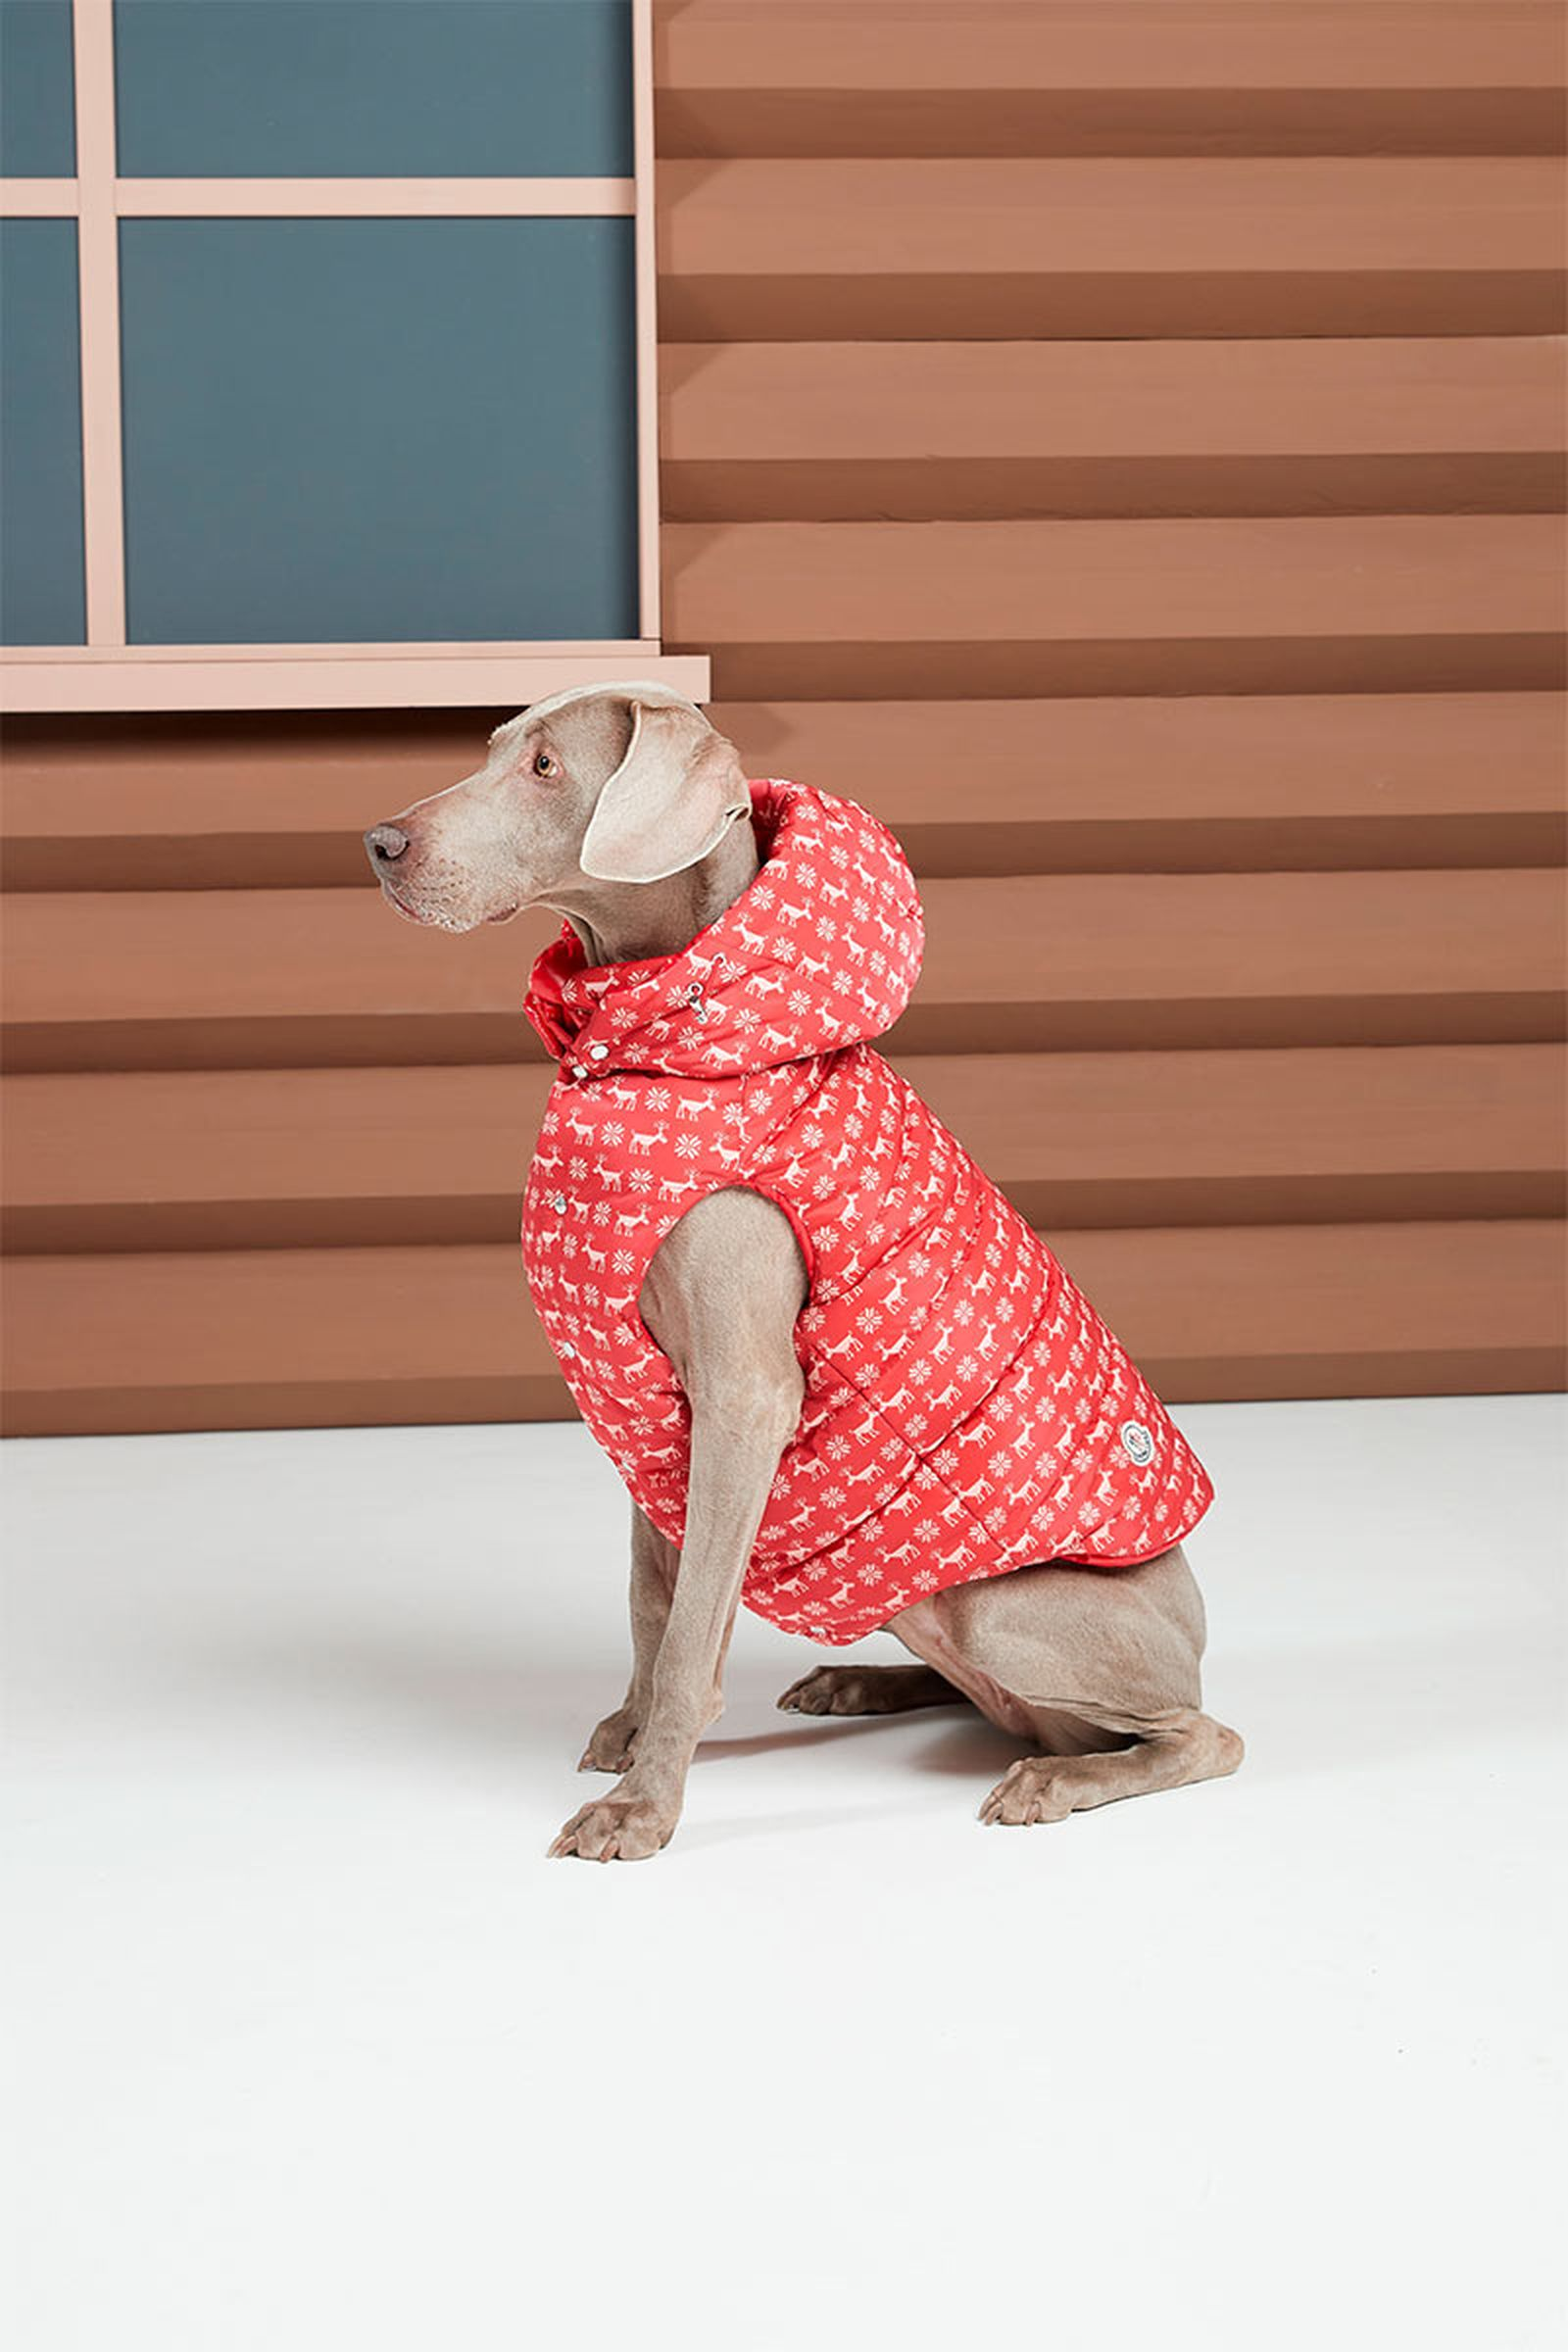 moncler-genius-poldo-dog-couture-5